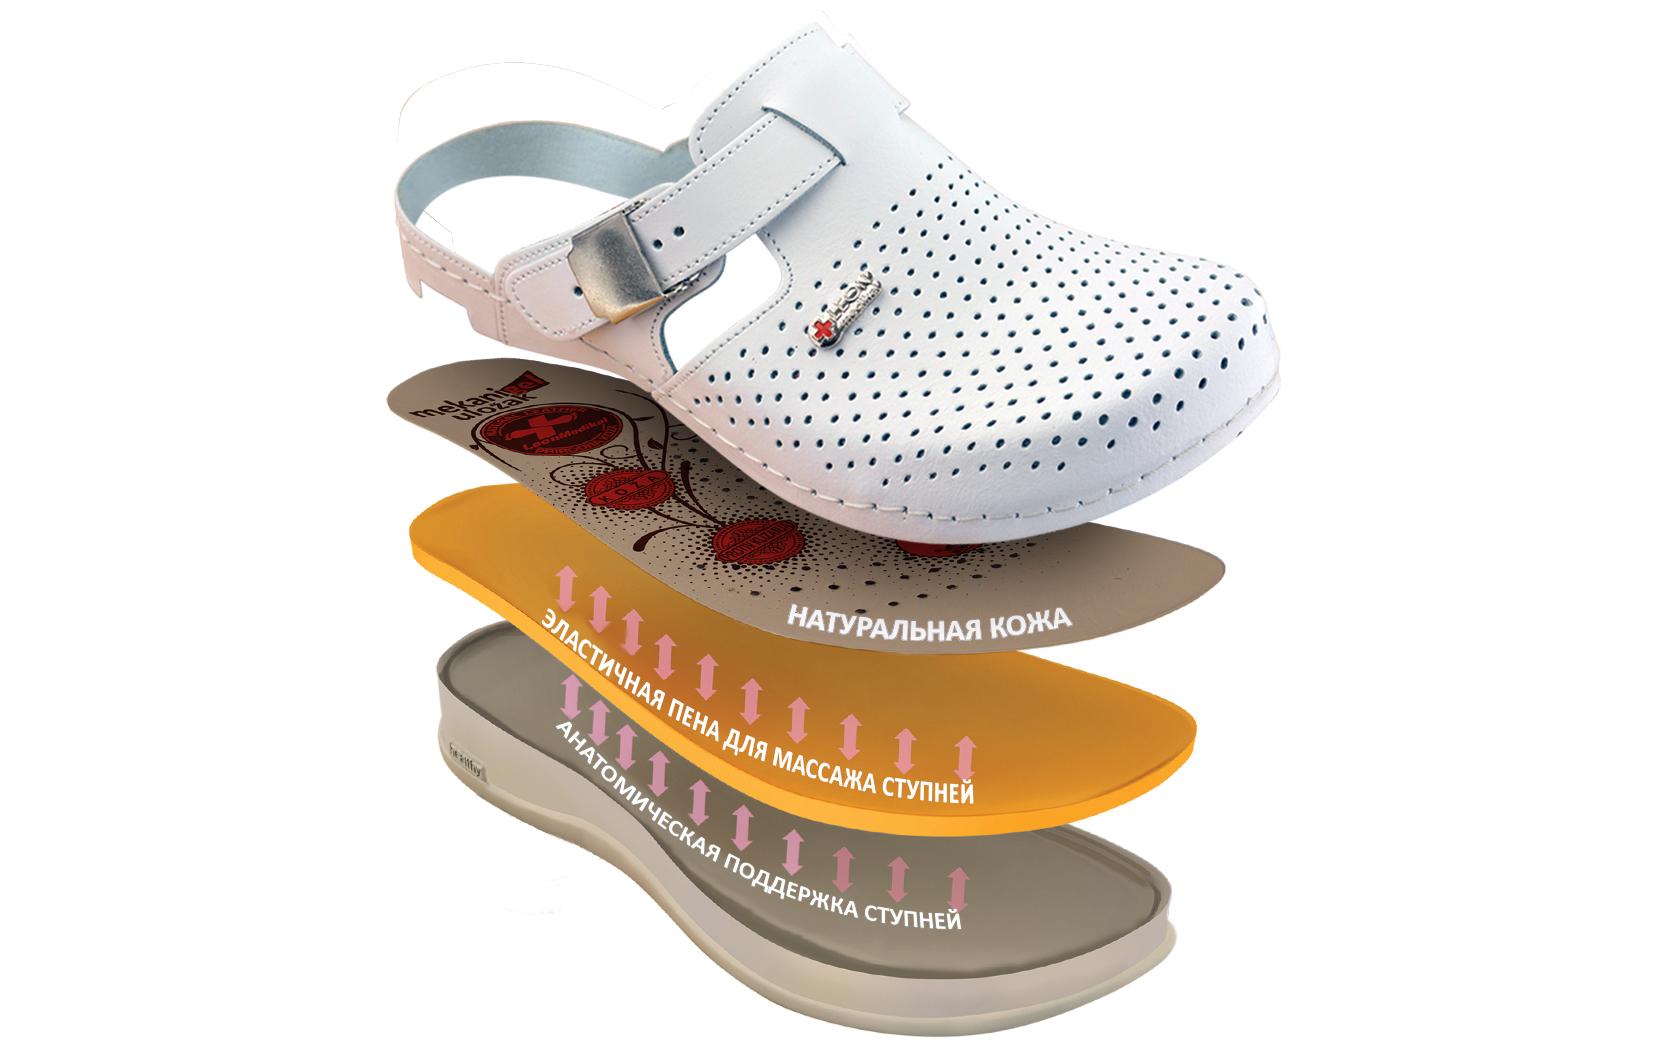 [b]Сбор заказов. Полюбившаяся многим анатомическая обувь Л*е*он из Сербии по сниженным ценам! Тапочки, сабо, кломпы -подарите своим ножкам комфорт! Без рядов. [/b]